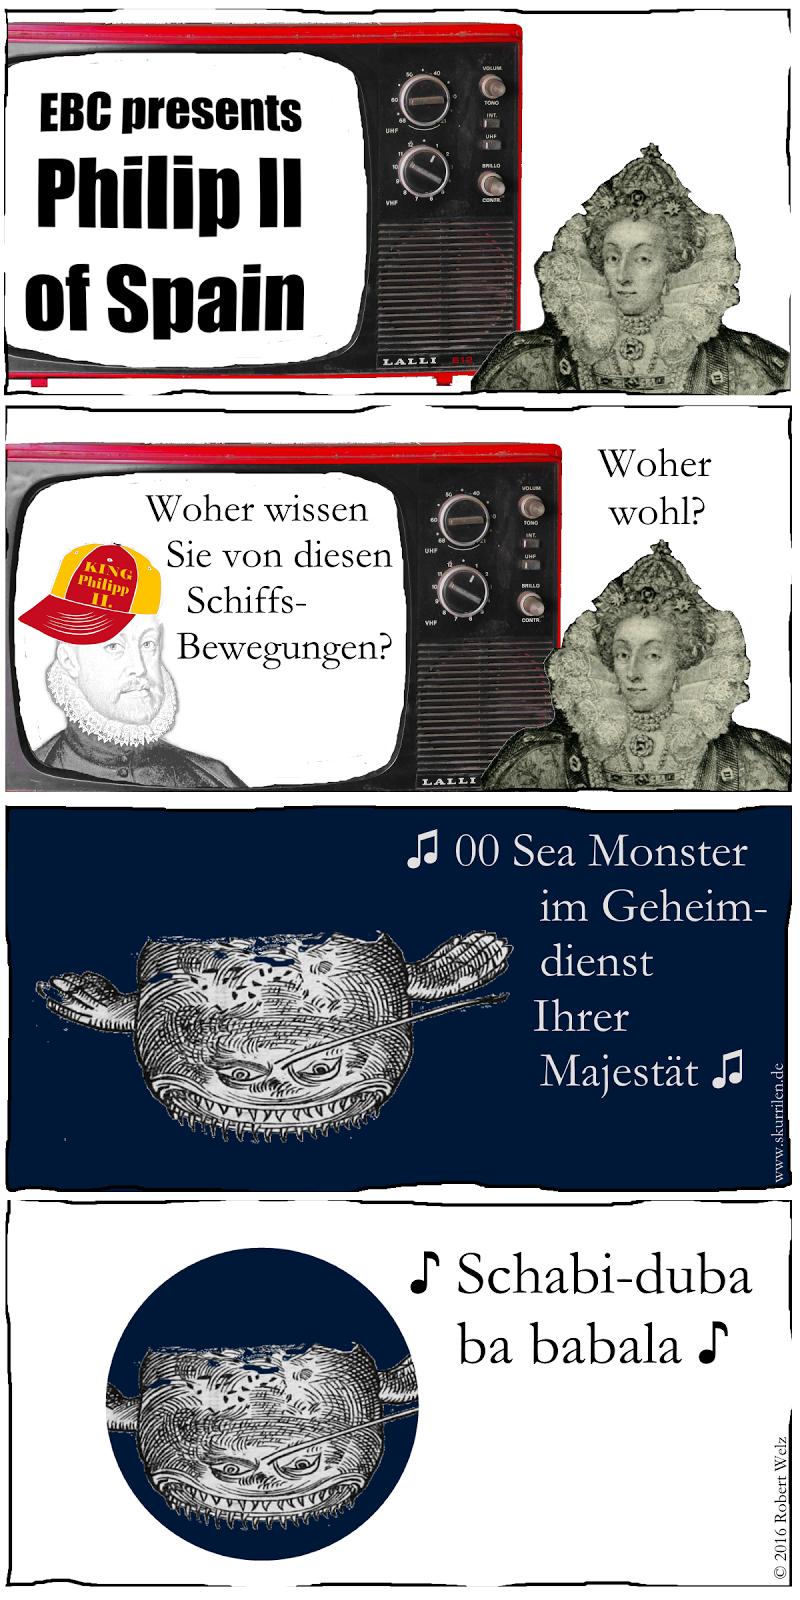 Collage-Comic mit historischen Abbildungen. Philipp II., König von Spanien, verblüfft. Wer spioniert für seine Gegenspielerin Elisabeth I., Königin von England?